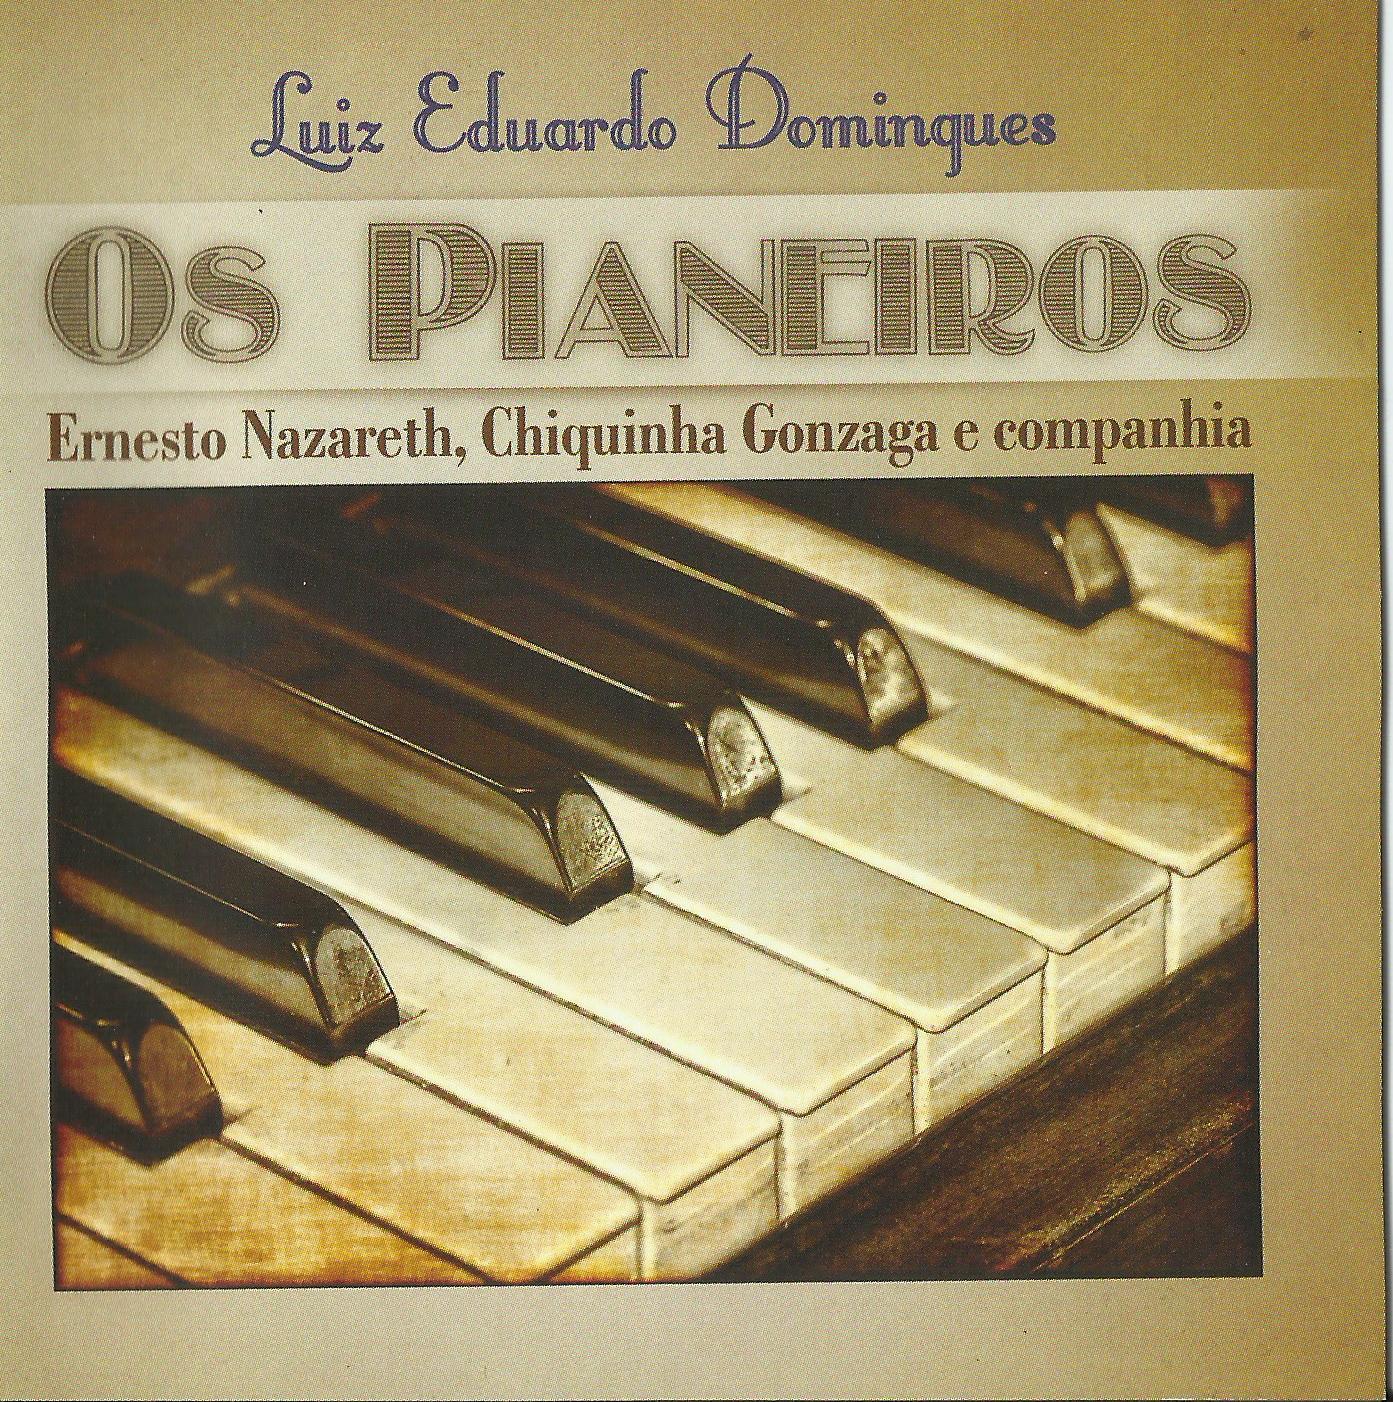 """Lançamento do CD """"OS PIANEIROS - Ernesto Nazareth, Chiquinha Gonzaga e companhia"""""""